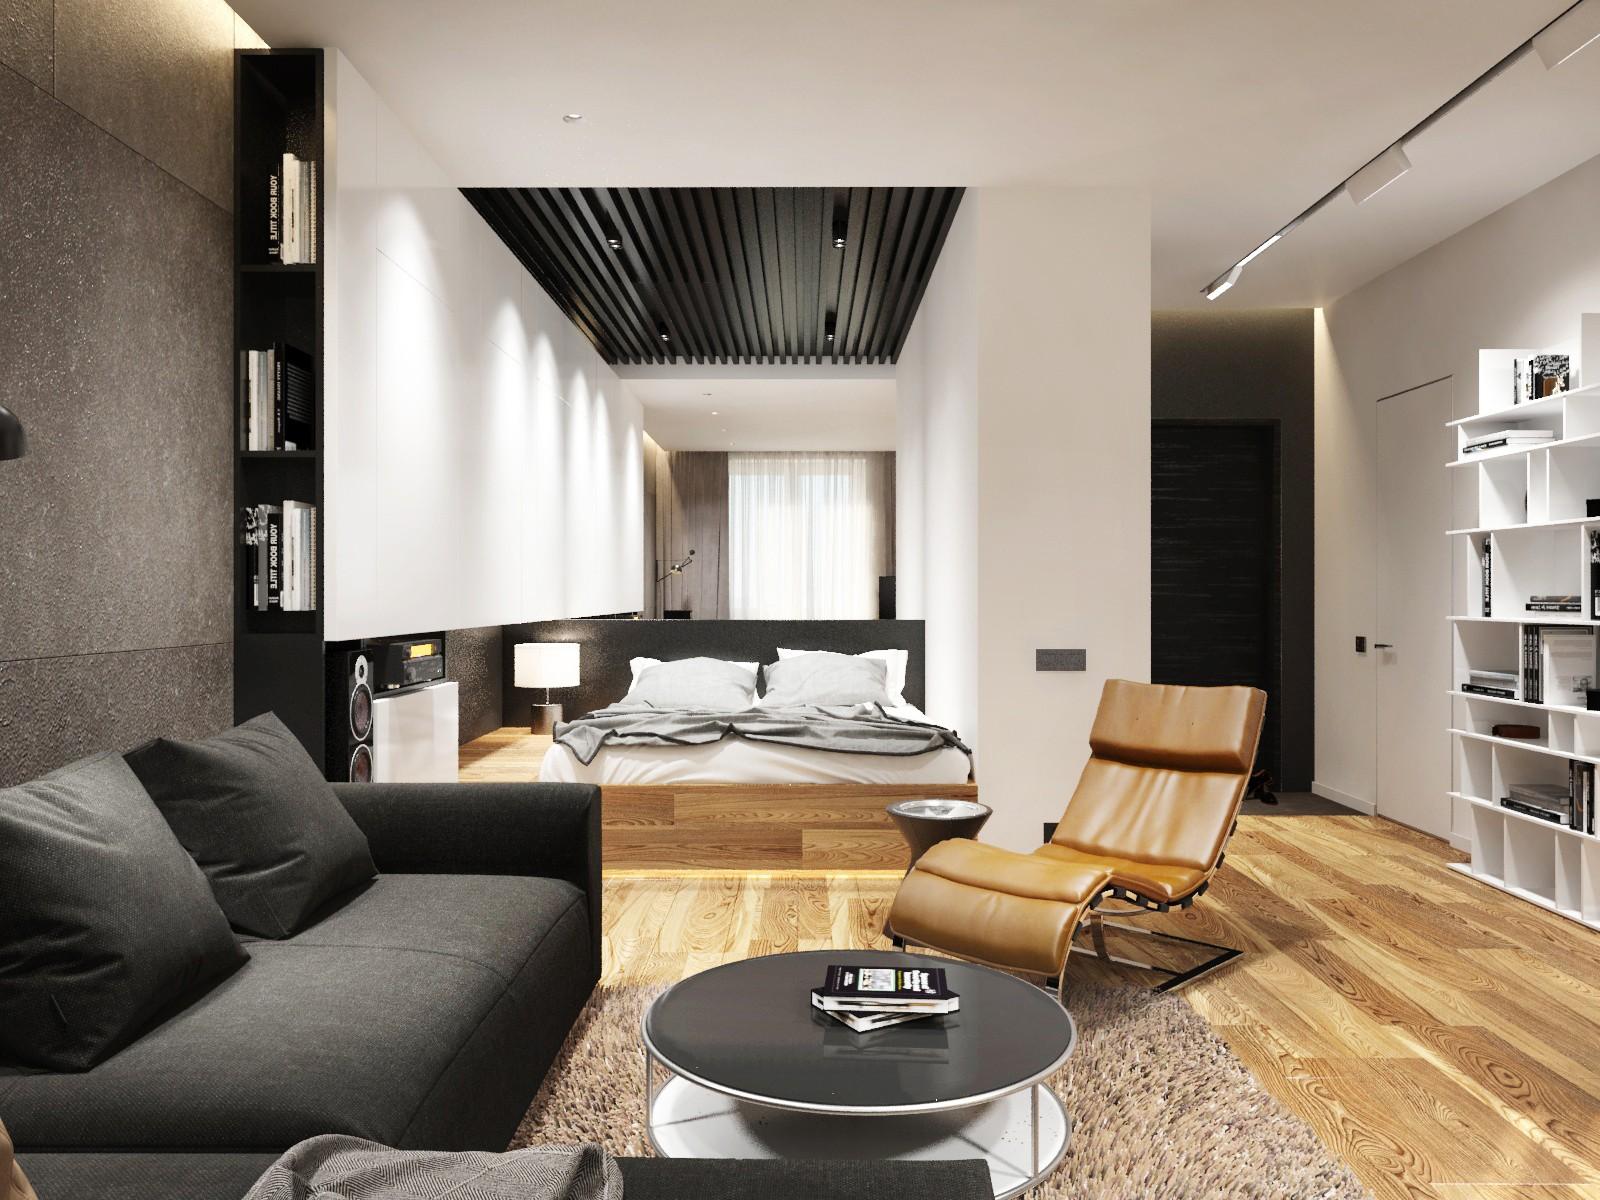 спальня гостиная 17 кв м дизайн